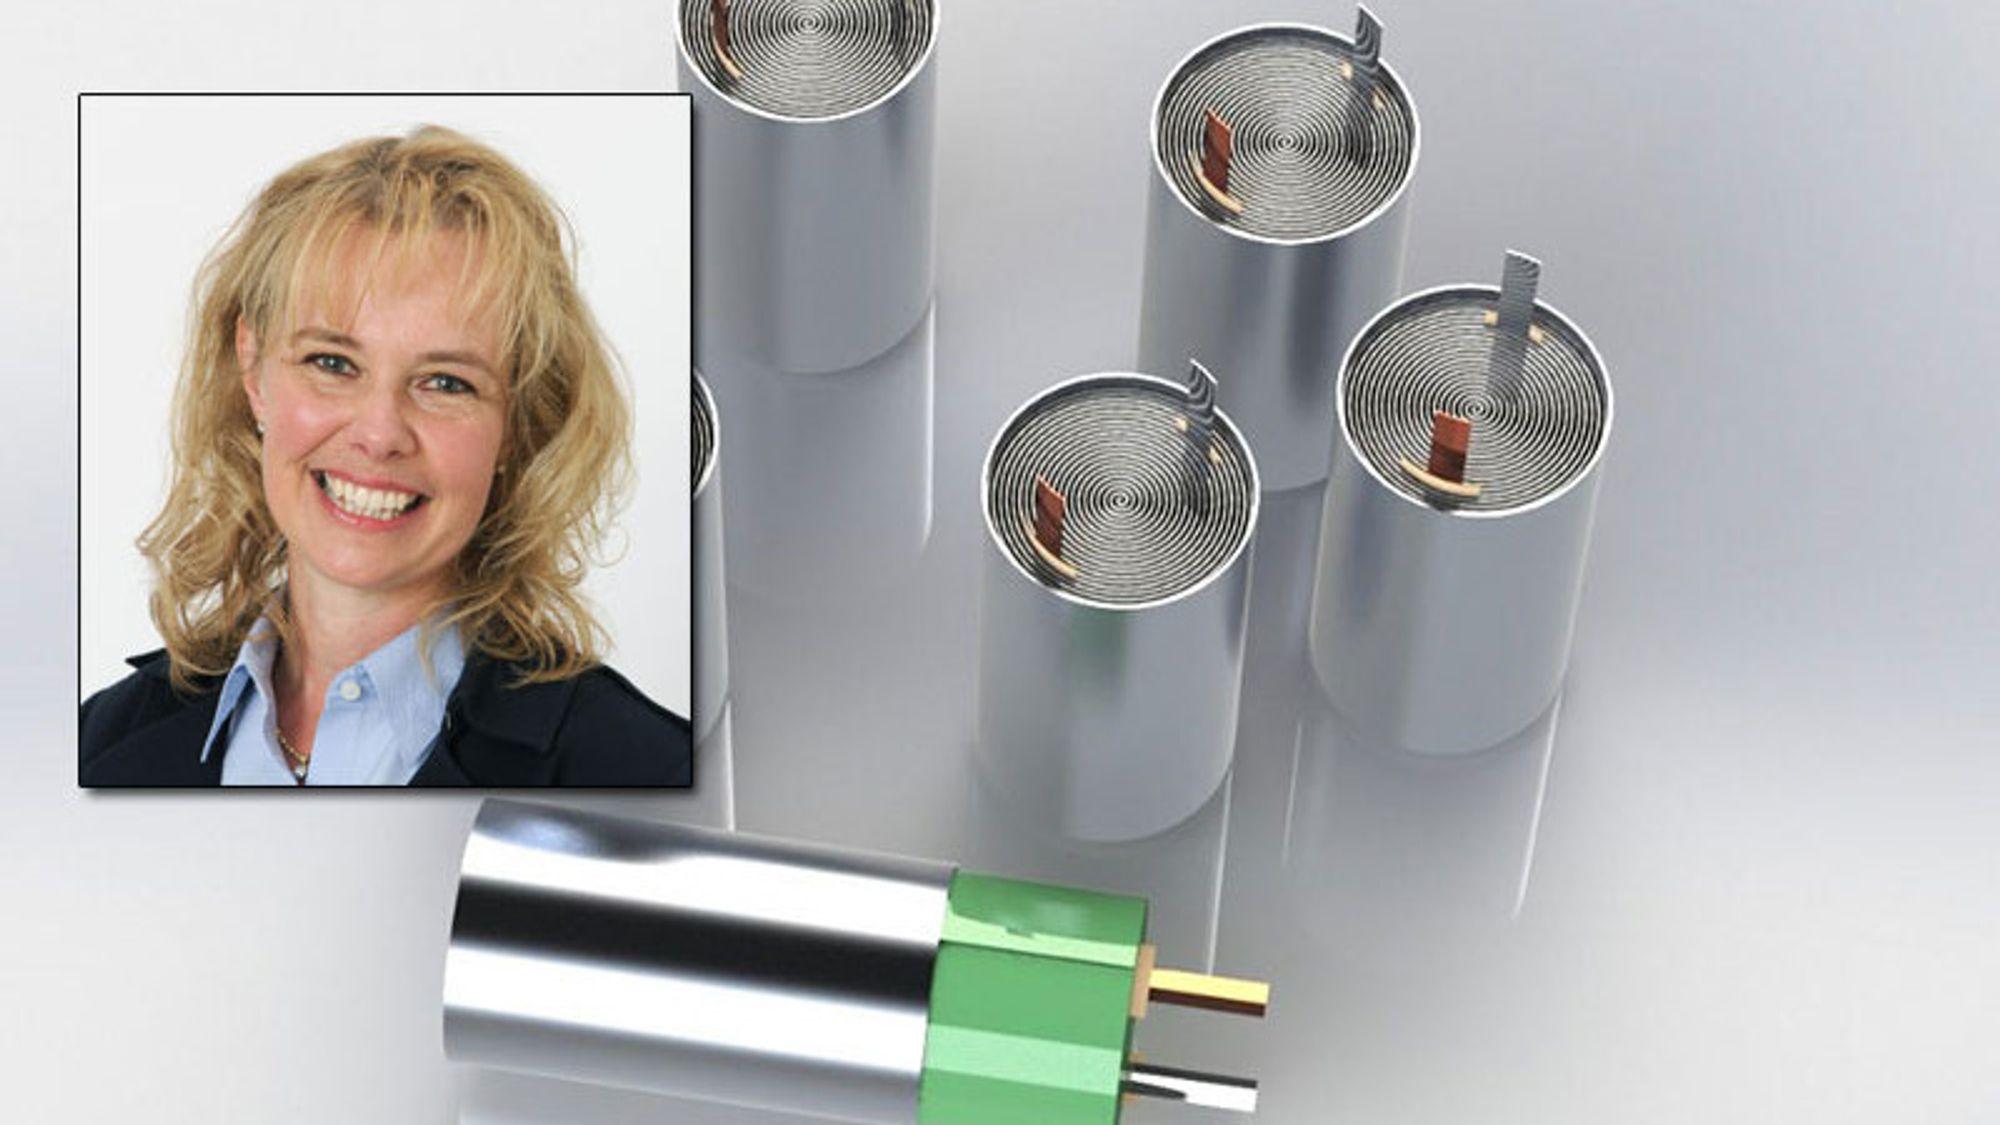 Sveriges «batteridronning», Christina Lampe-Önnerud står bak selskapet som tror de kan revolusjonere batterimarkedet for elbiler og kraftnettet.